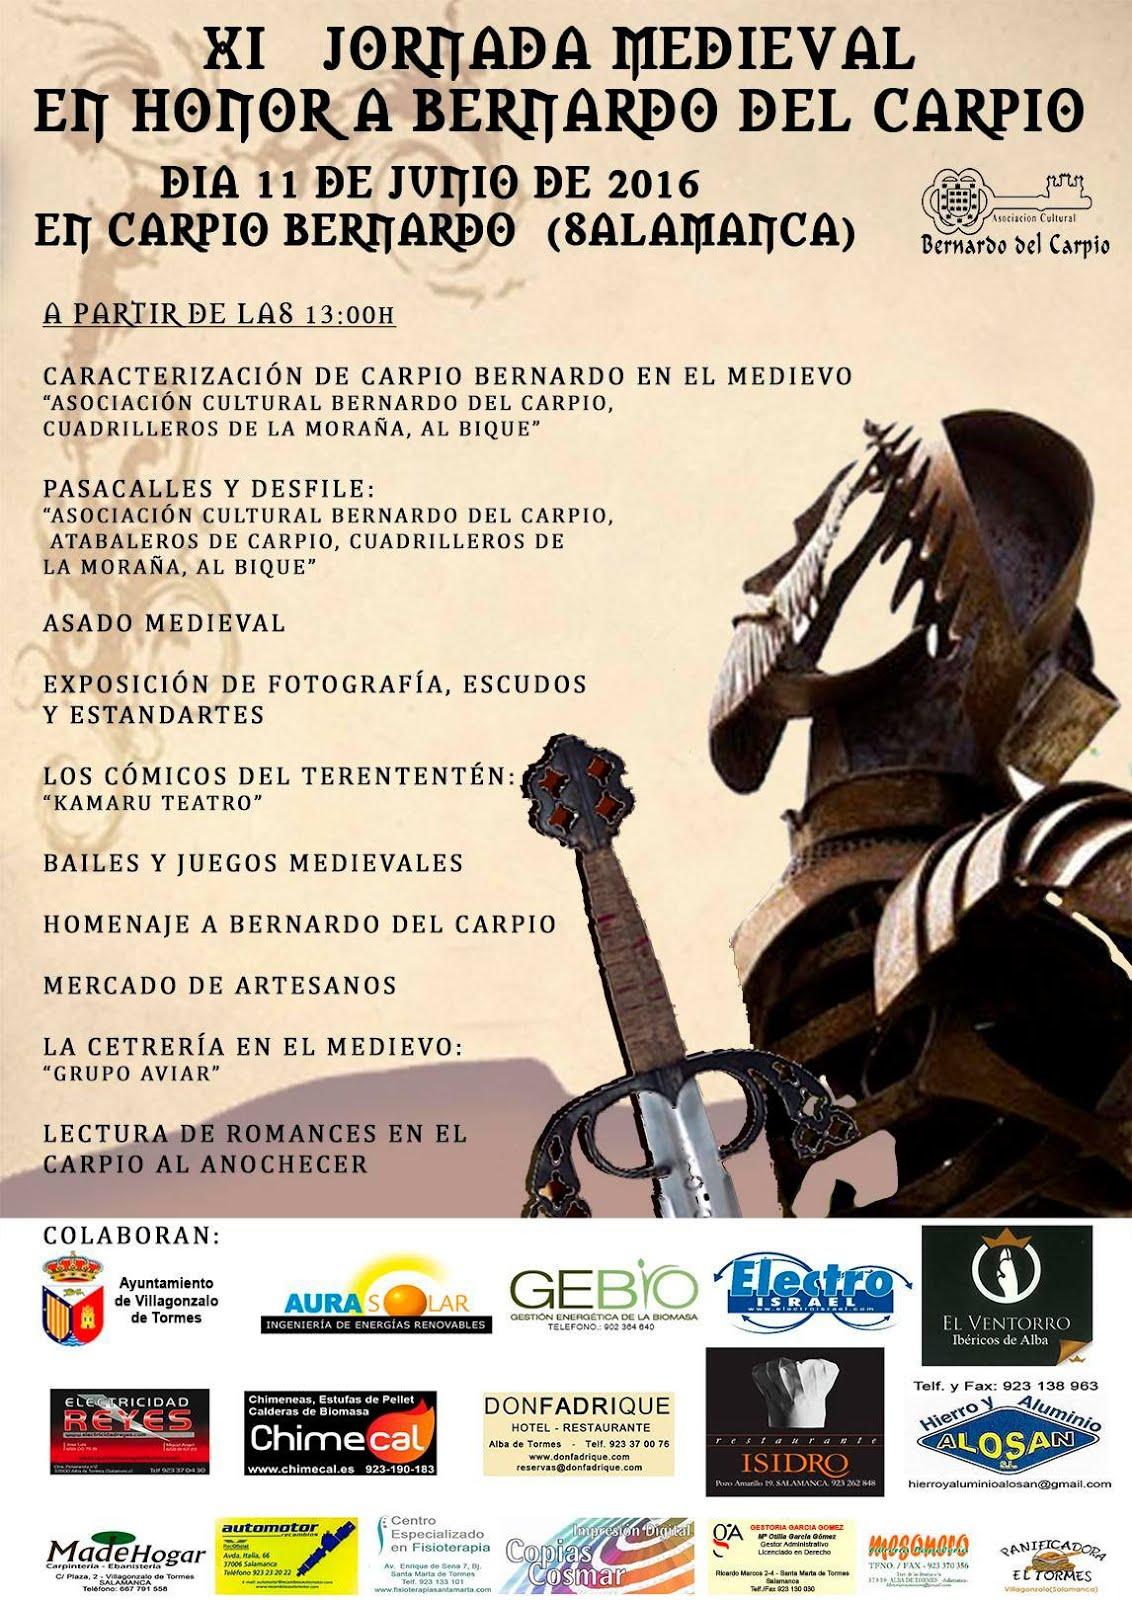 XI Jornadas Medievales en Honor a Bernardo del Carpio